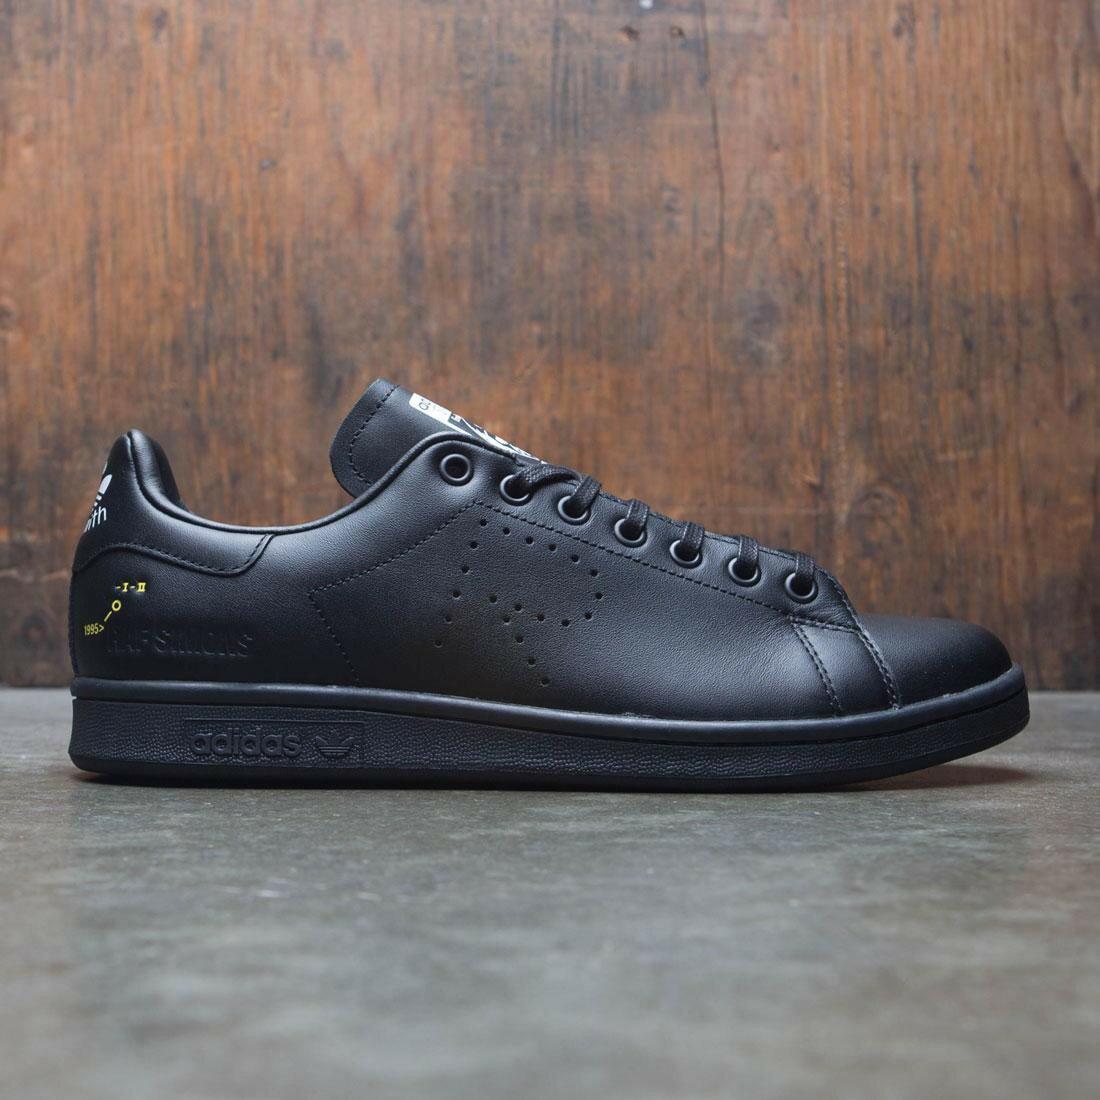 メンズ靴, スニーカー  ADIDAS BLACK WHITE ADIDAS RAF SIMONS MEN RS STAN SMITH DGH SOLID GREY CREAM